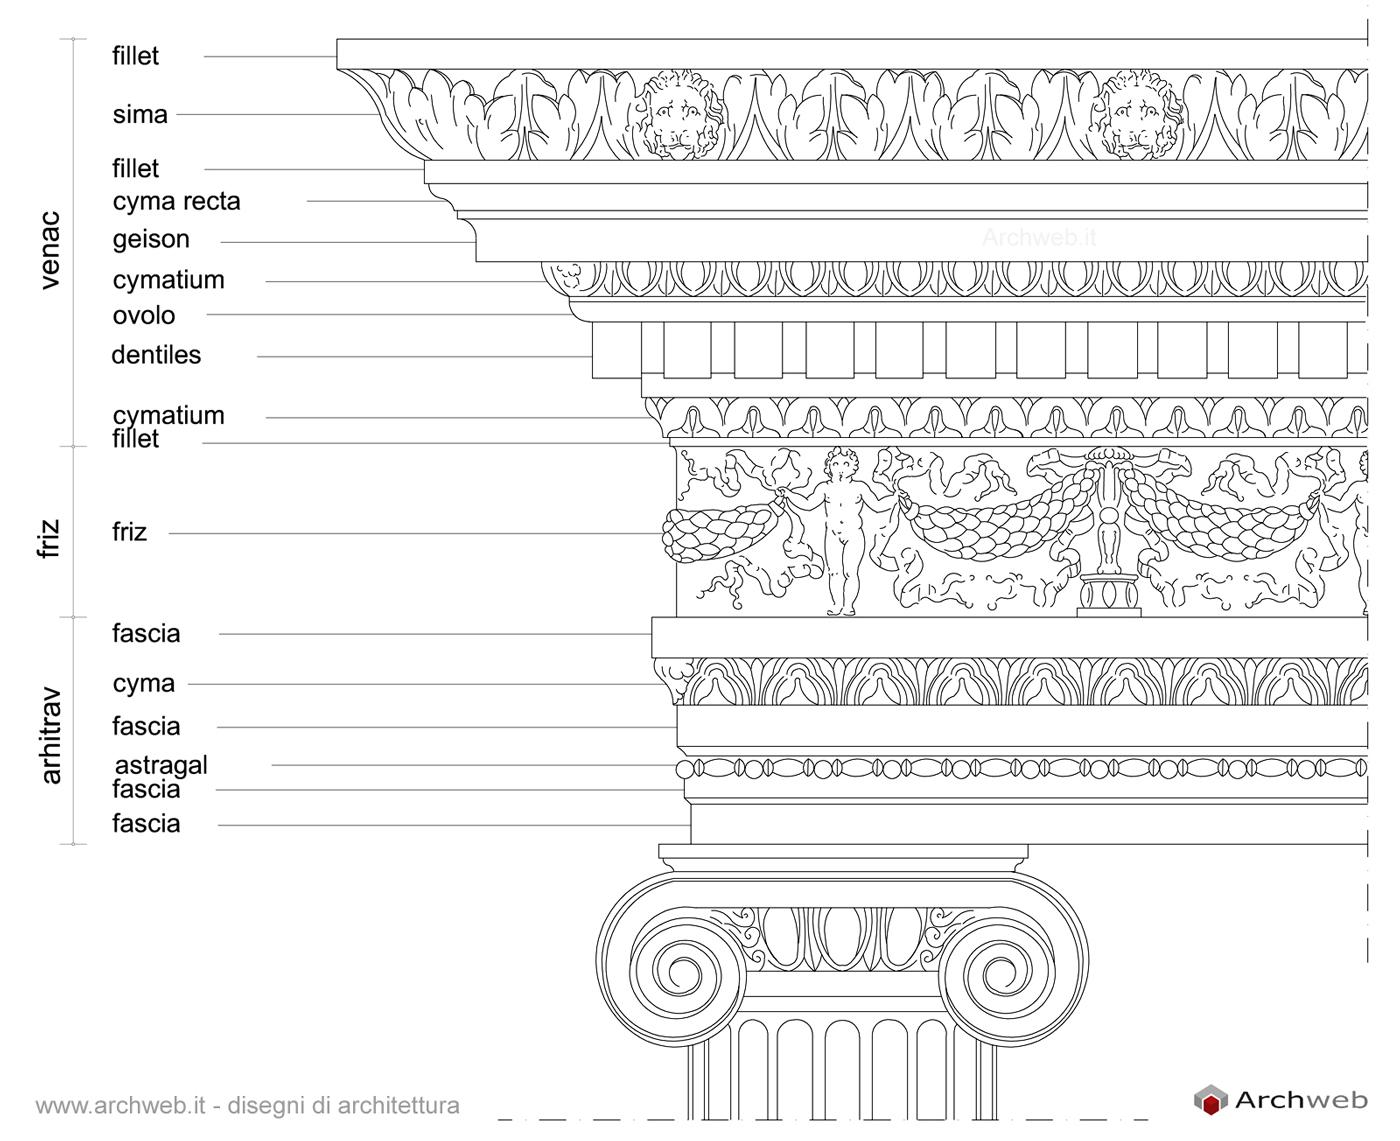 Ordini architettonici colonne e capitelli disegni dwg for Porte archweb